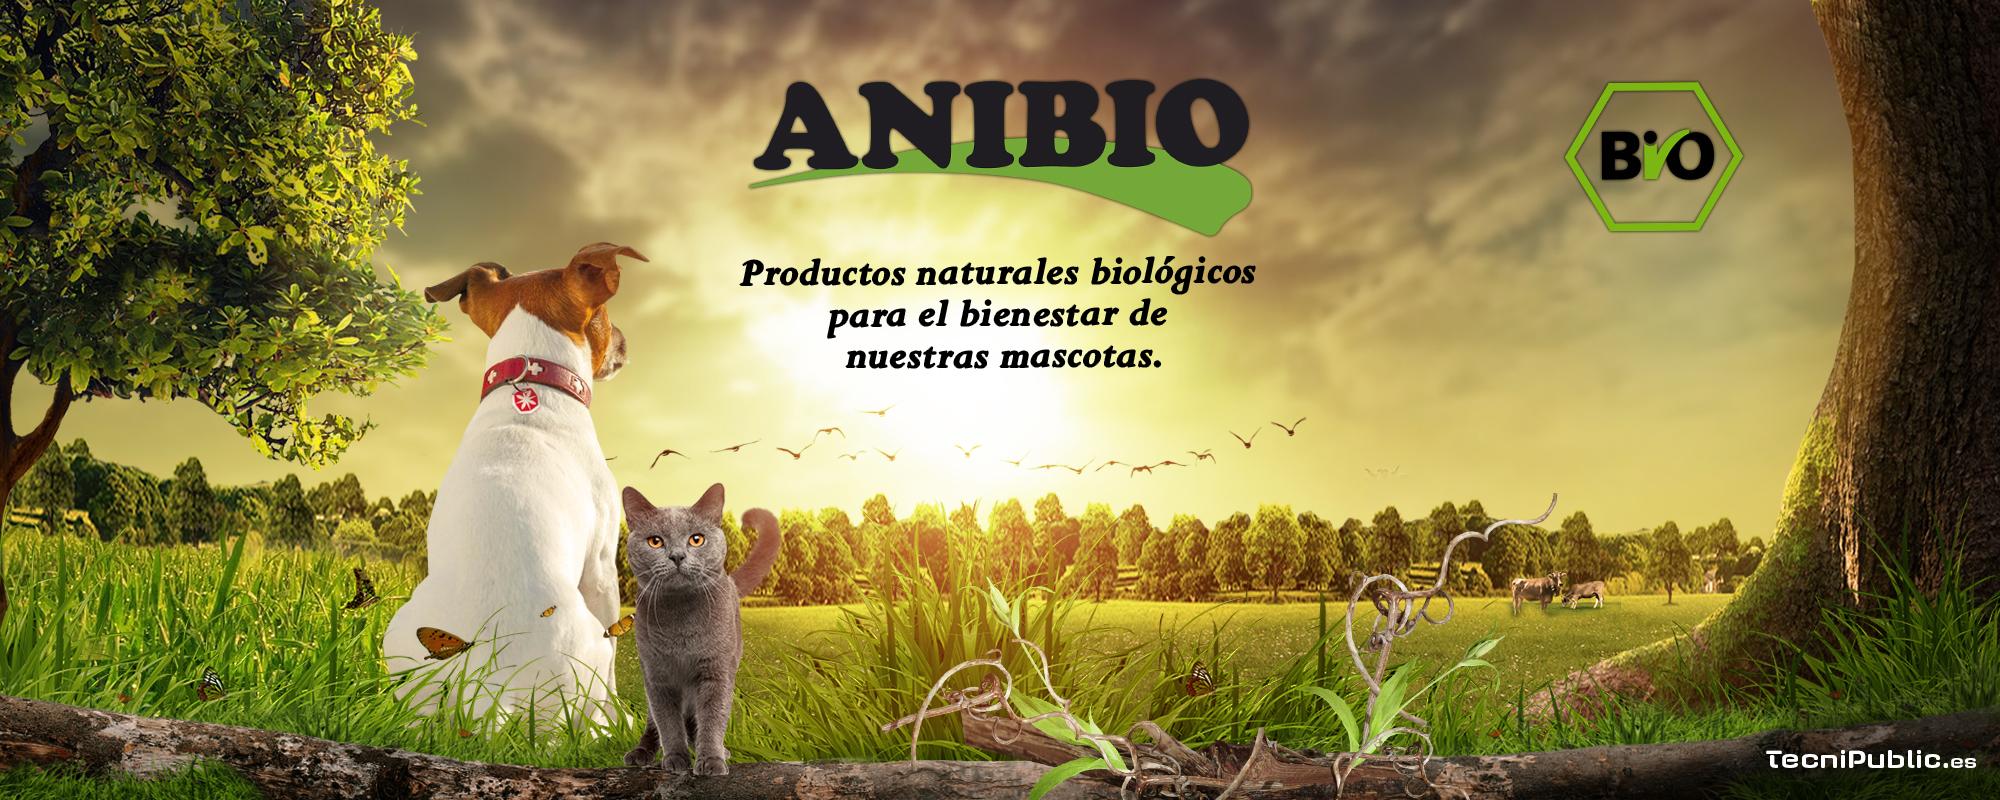 Anibio productos naturales y biológicos para el bienestar de nuestros perros y gatos